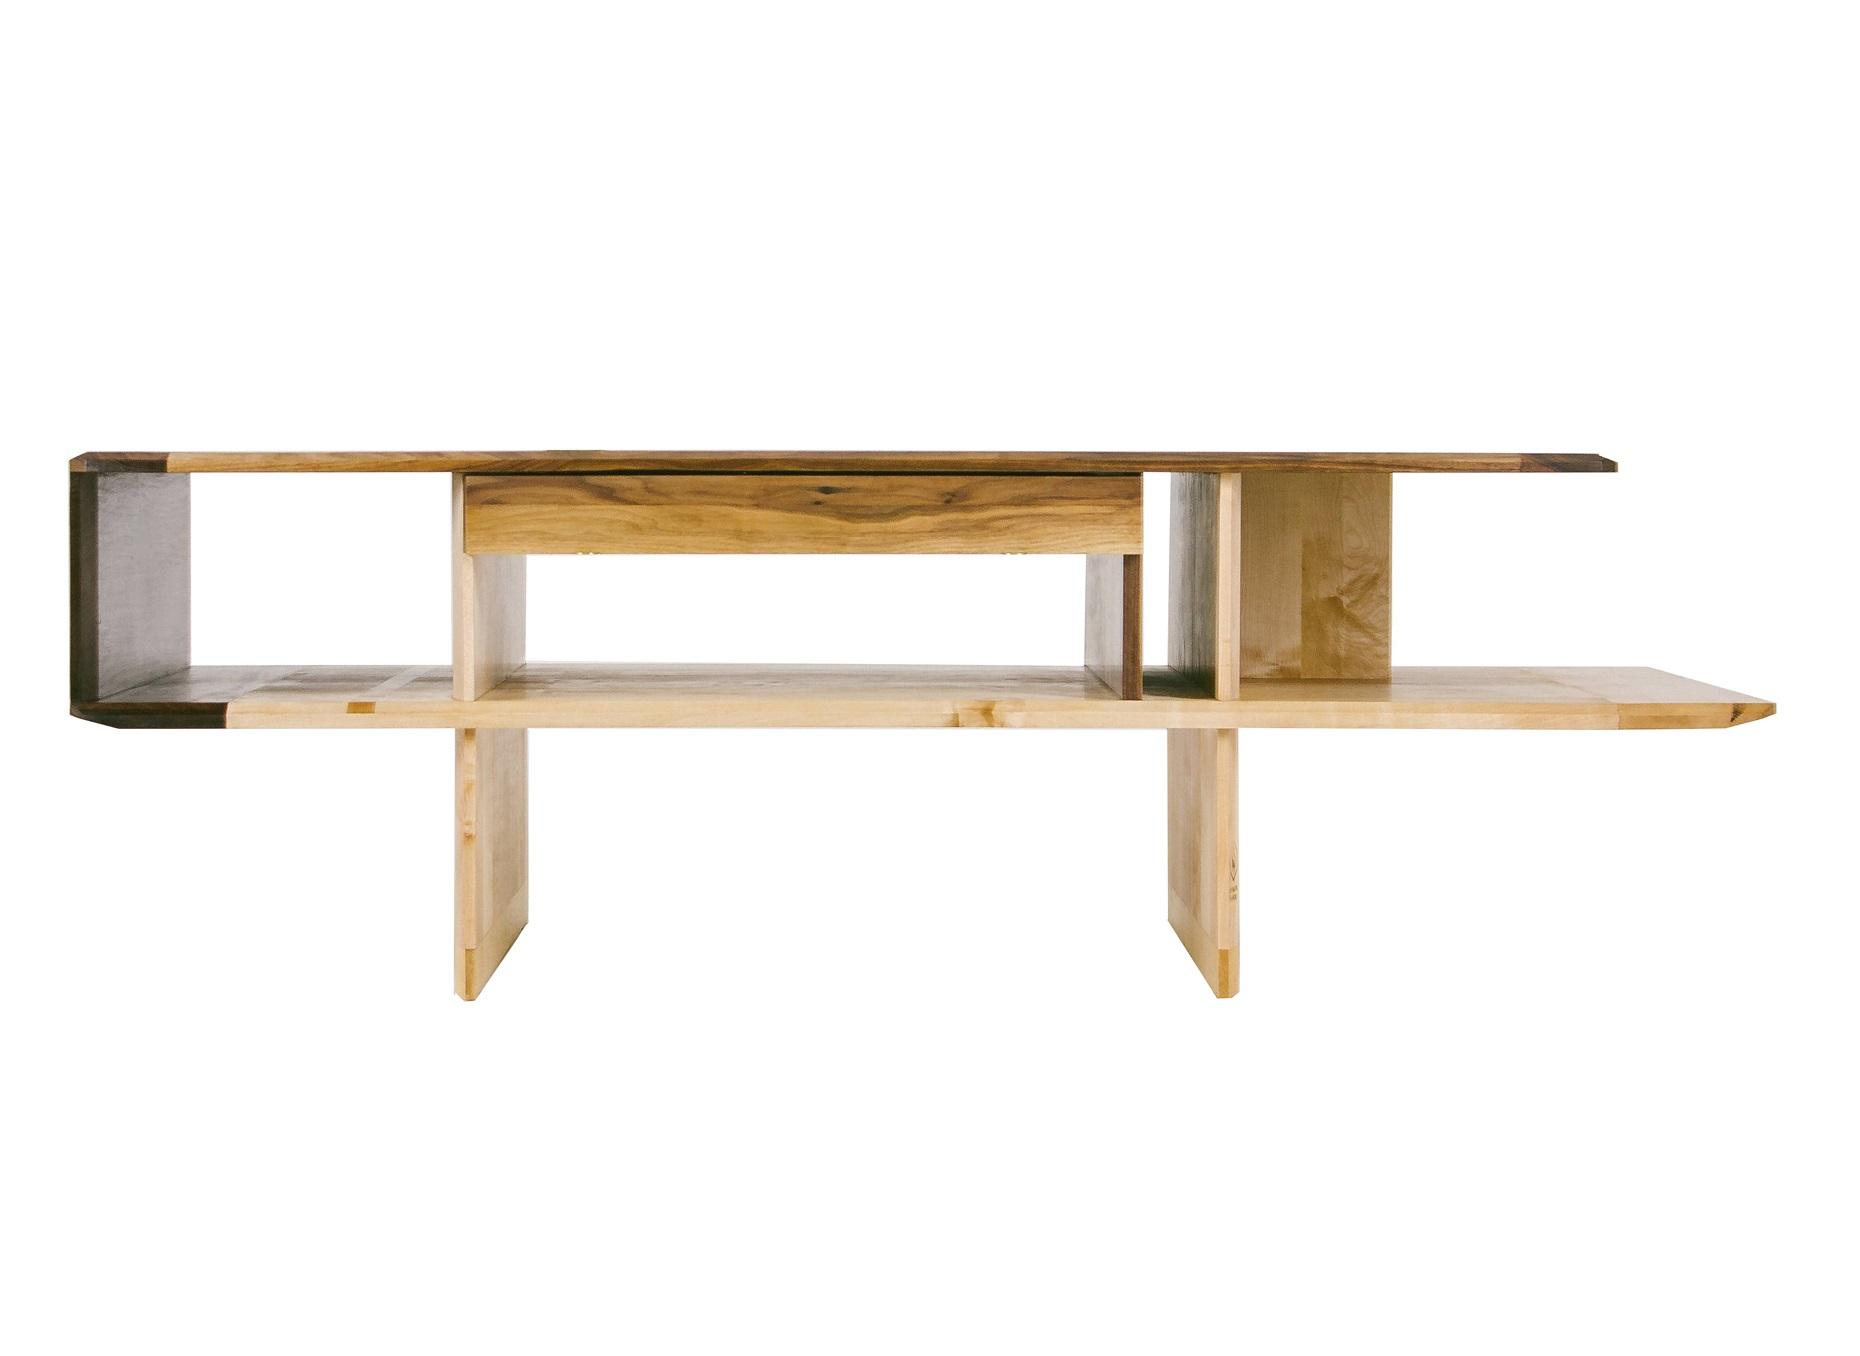 Стол ArgosyЖурнальные столики<br>Журнальный или кофейный стол из массива клена, со столешницей и ящиками из американского ореха. С каждой стороны — ящик с вогнутым фасадом и красивыми маленькими ручками из латуни, поэтому ARGOSY всегда занимает центральную и решающую позицию в помещении. Отделка — натуральное масло, делающее фактуру дерева на ощупь необыкновенно шелковистой.&amp;amp;nbsp;<br><br>Material: Орех<br>Width см: 175<br>Depth см: 82<br>Height см: 55